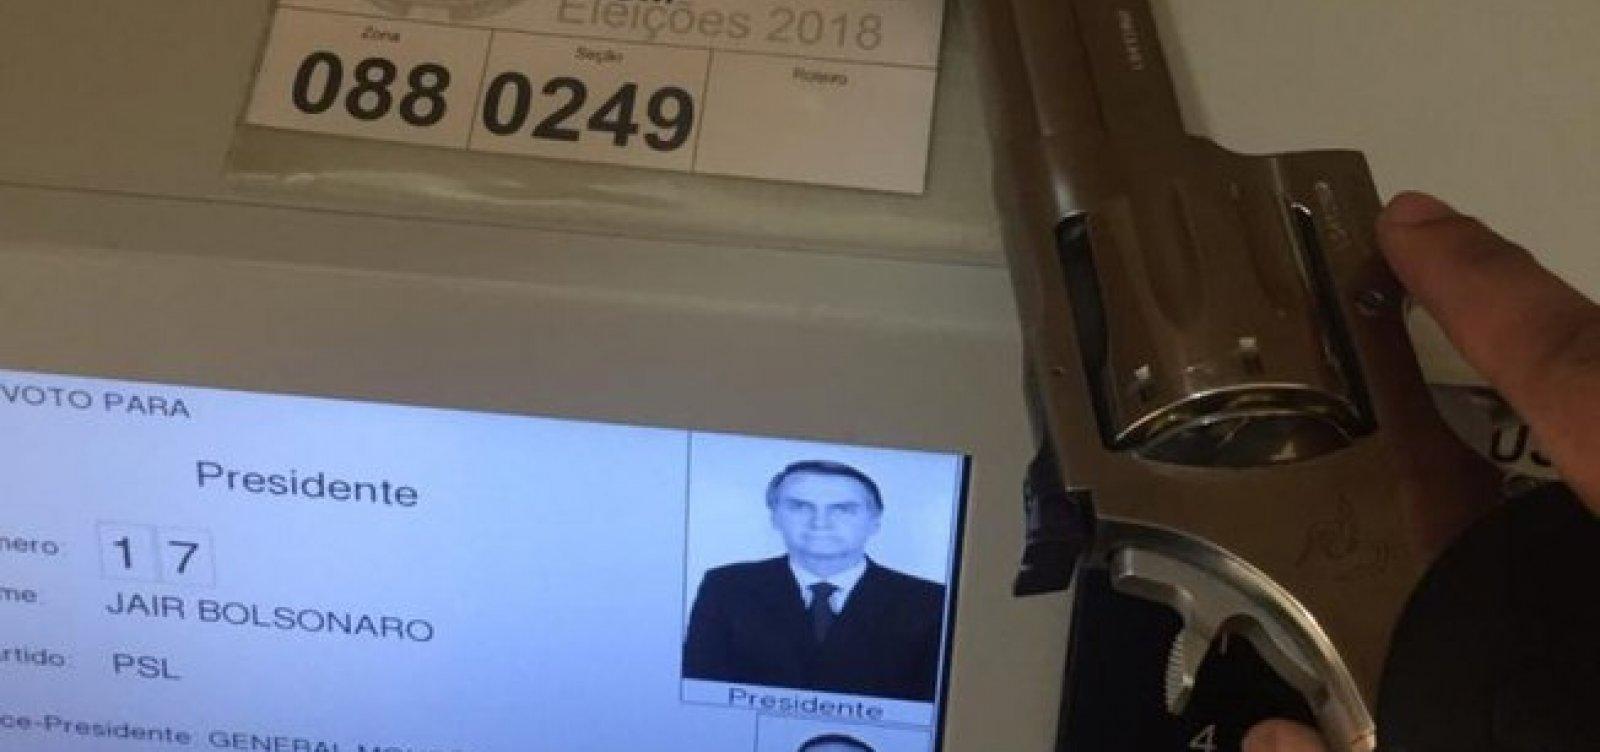 [PF investiga eleitor que usou arma para votar em Bolsonaro]